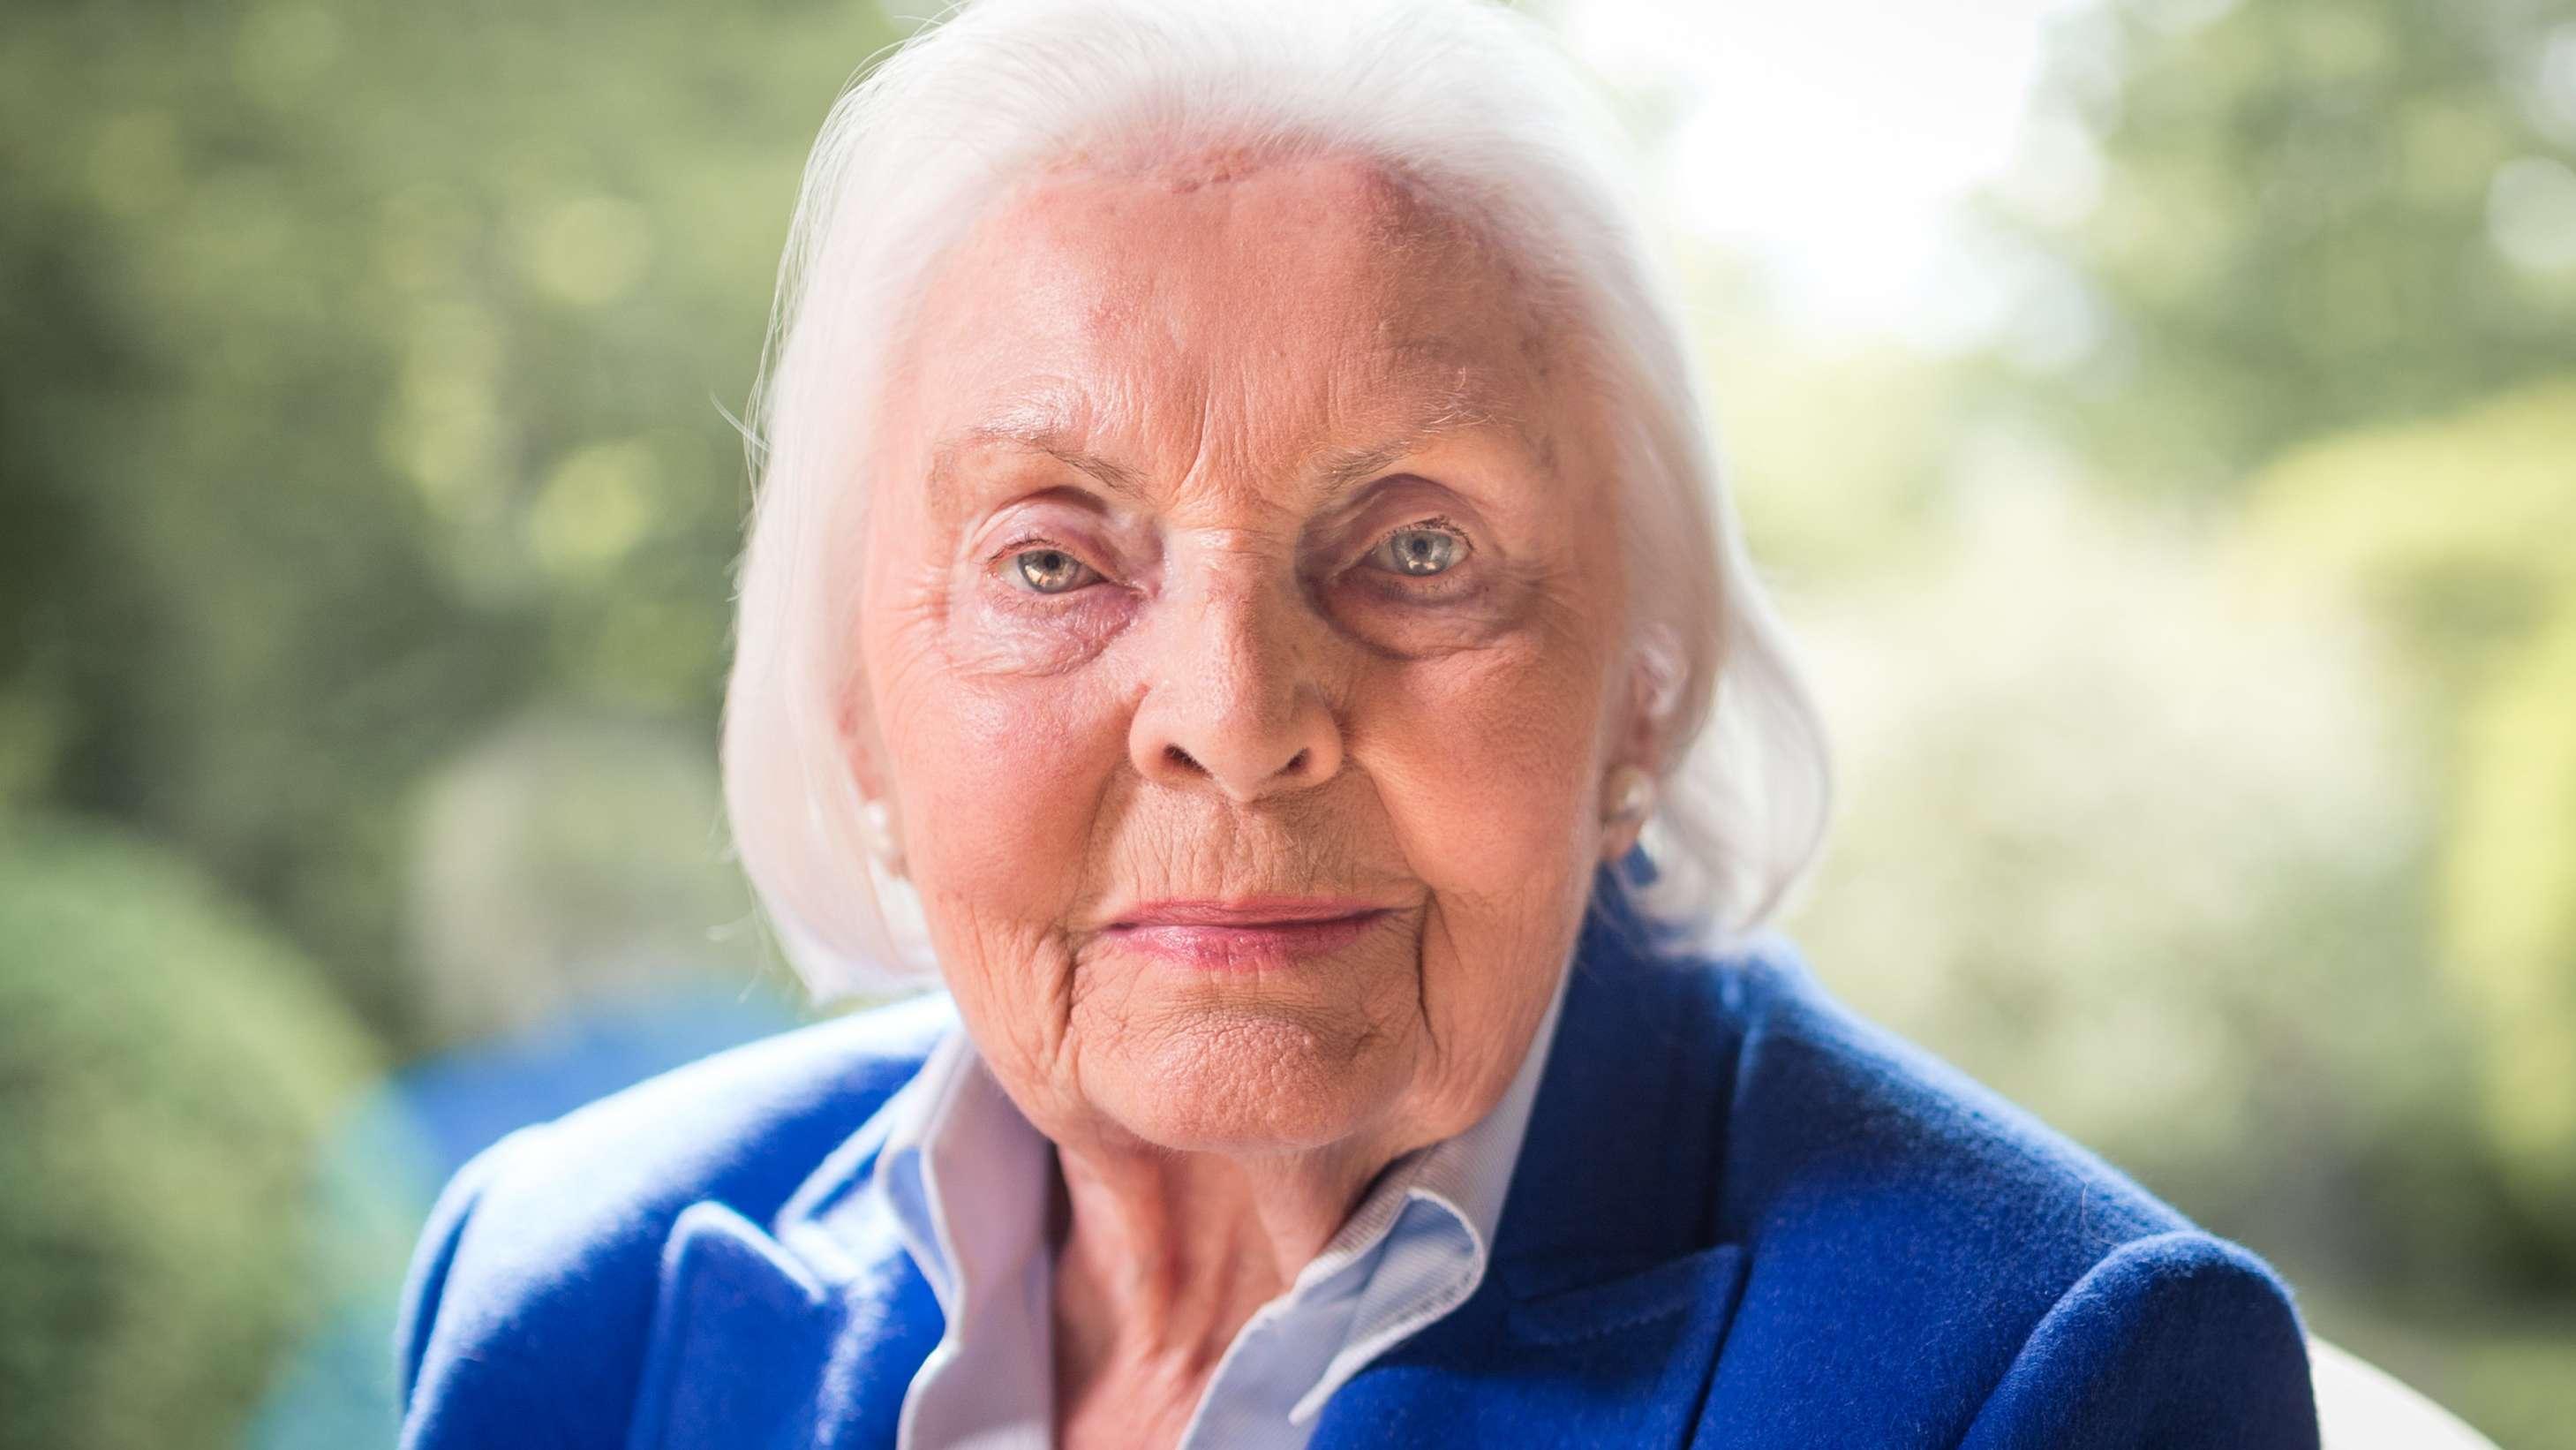 Inge Sielmann blickt in ihrem Haus in die Kamera